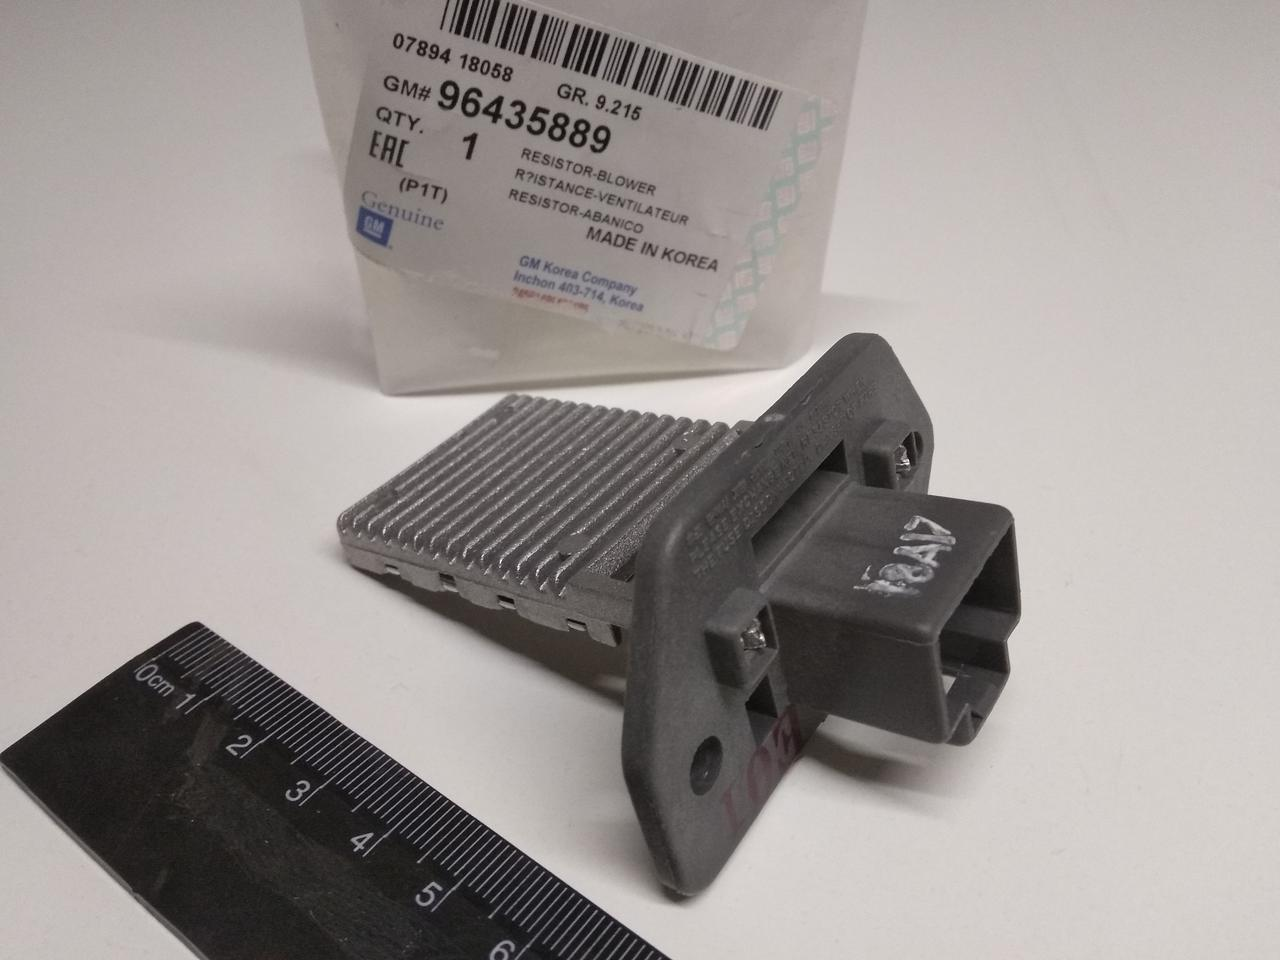 """Резистор добавочный Aveo, """"GM"""" (96435889)"""